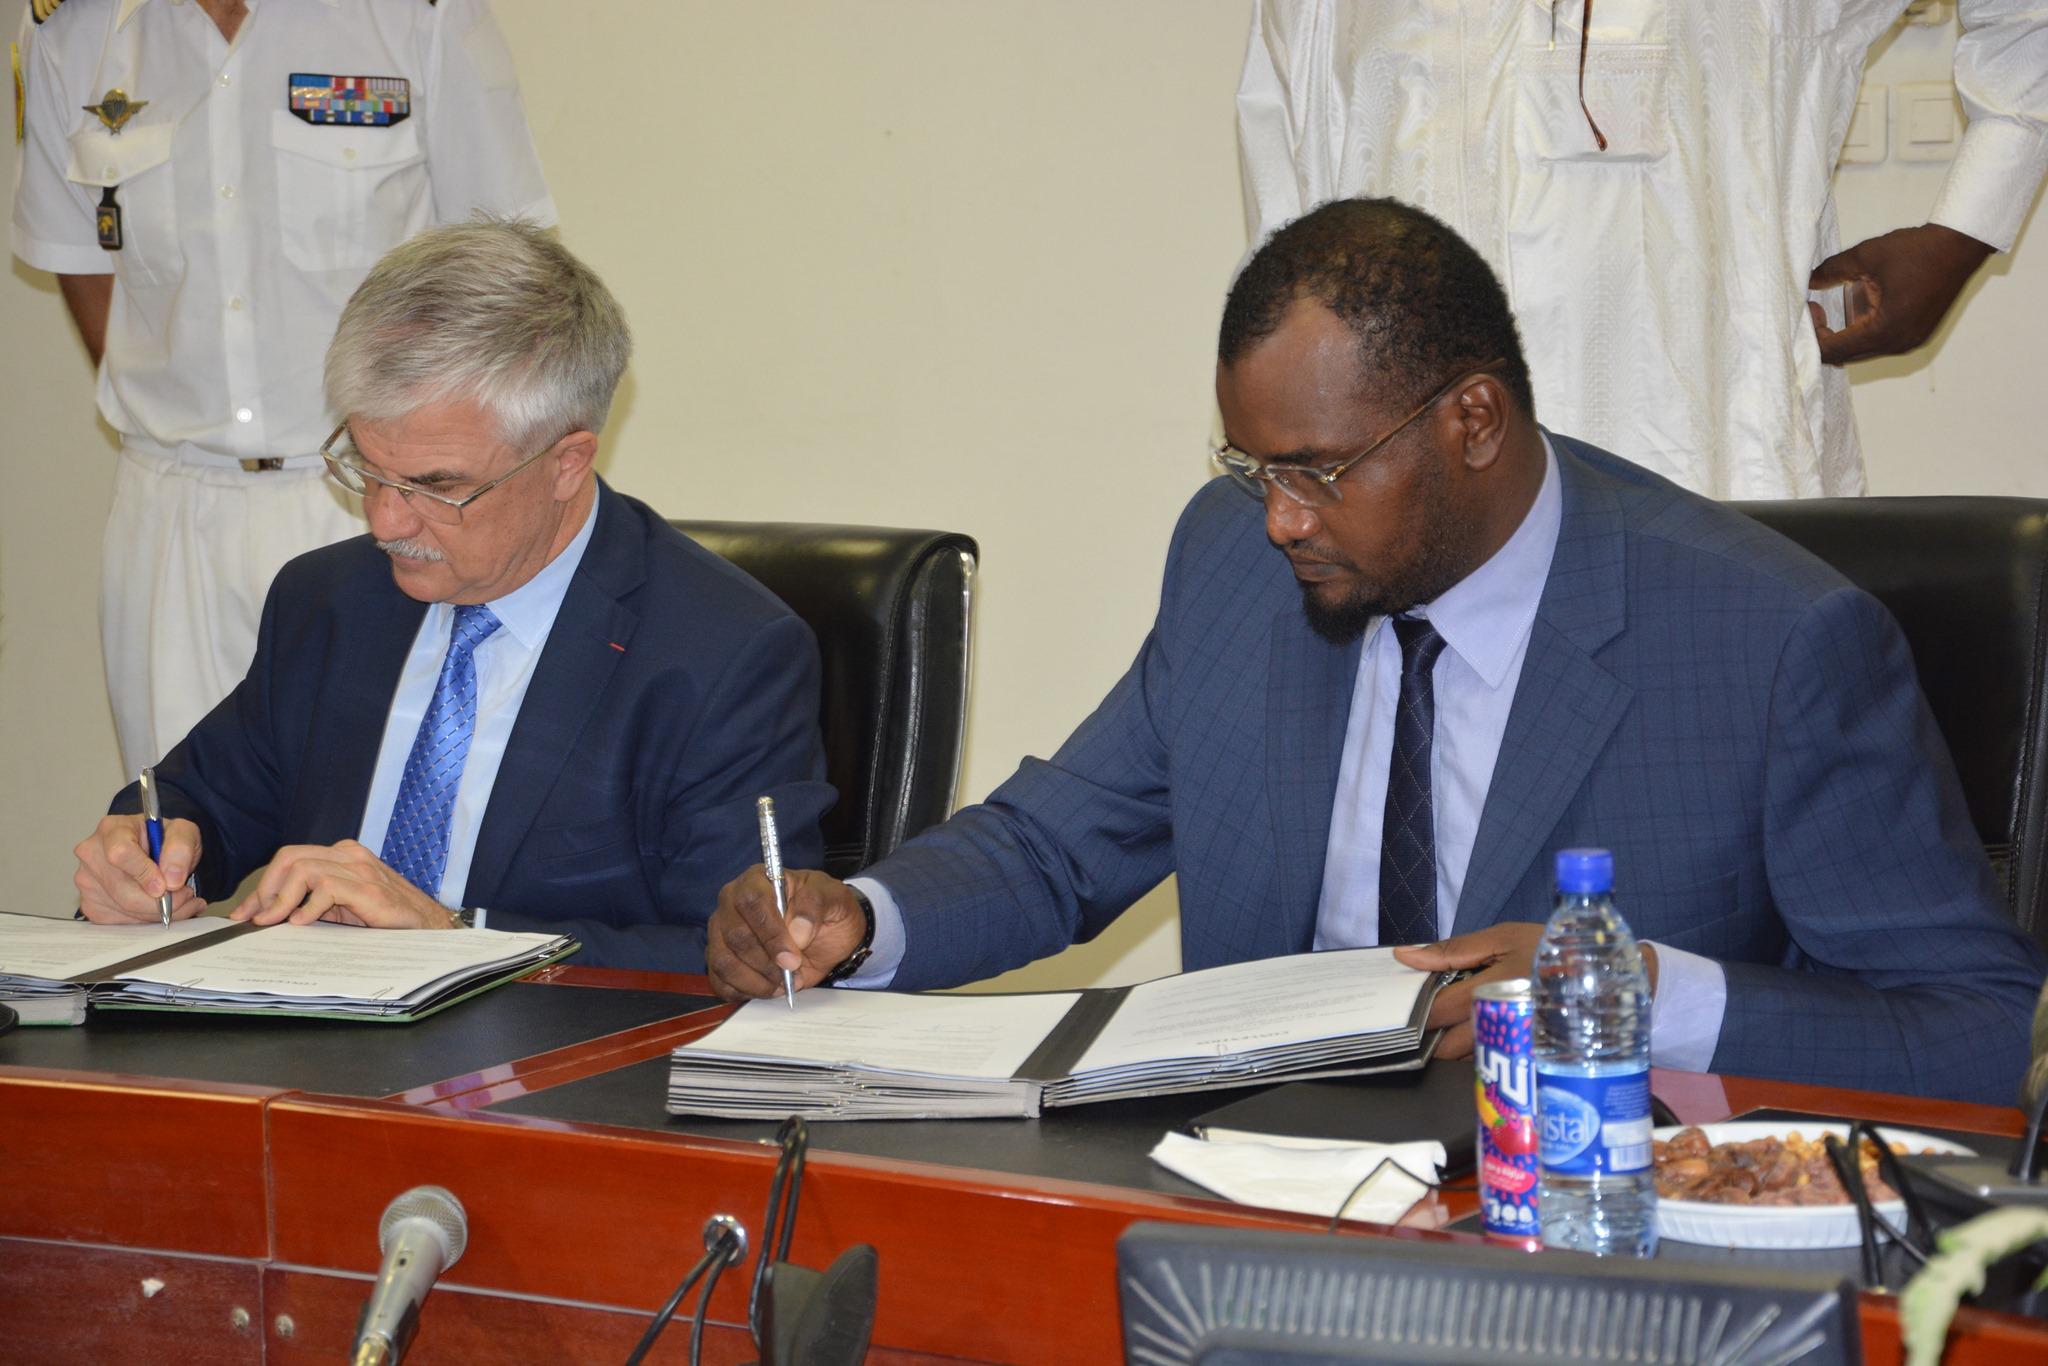 Le Tchad et la France signent des accords de sécurité et de défense. © Amb. FR au Tchad